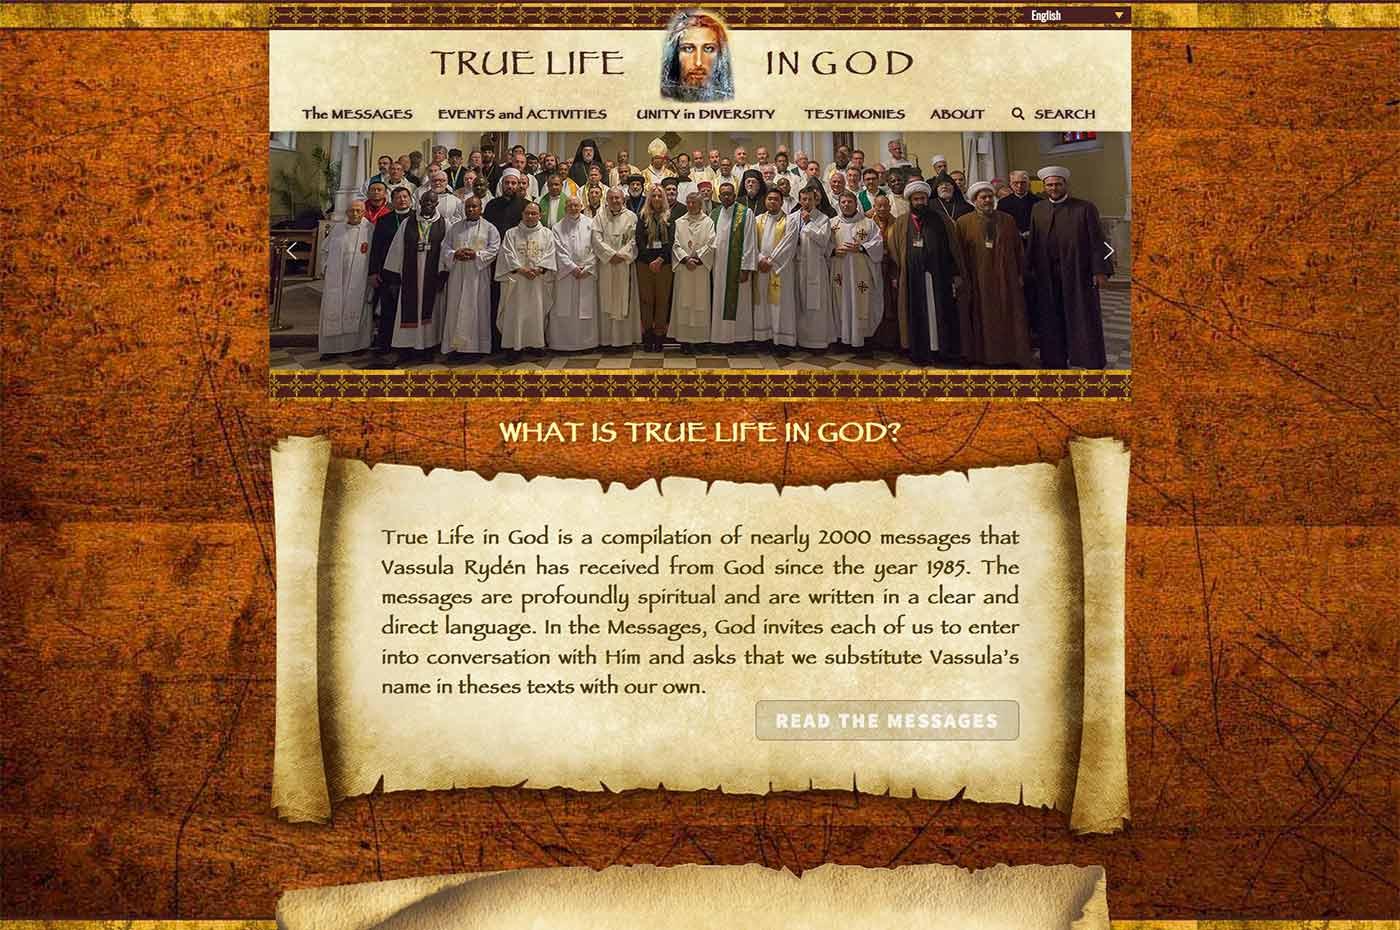 screenshot de la page d'accueil de tlig.org